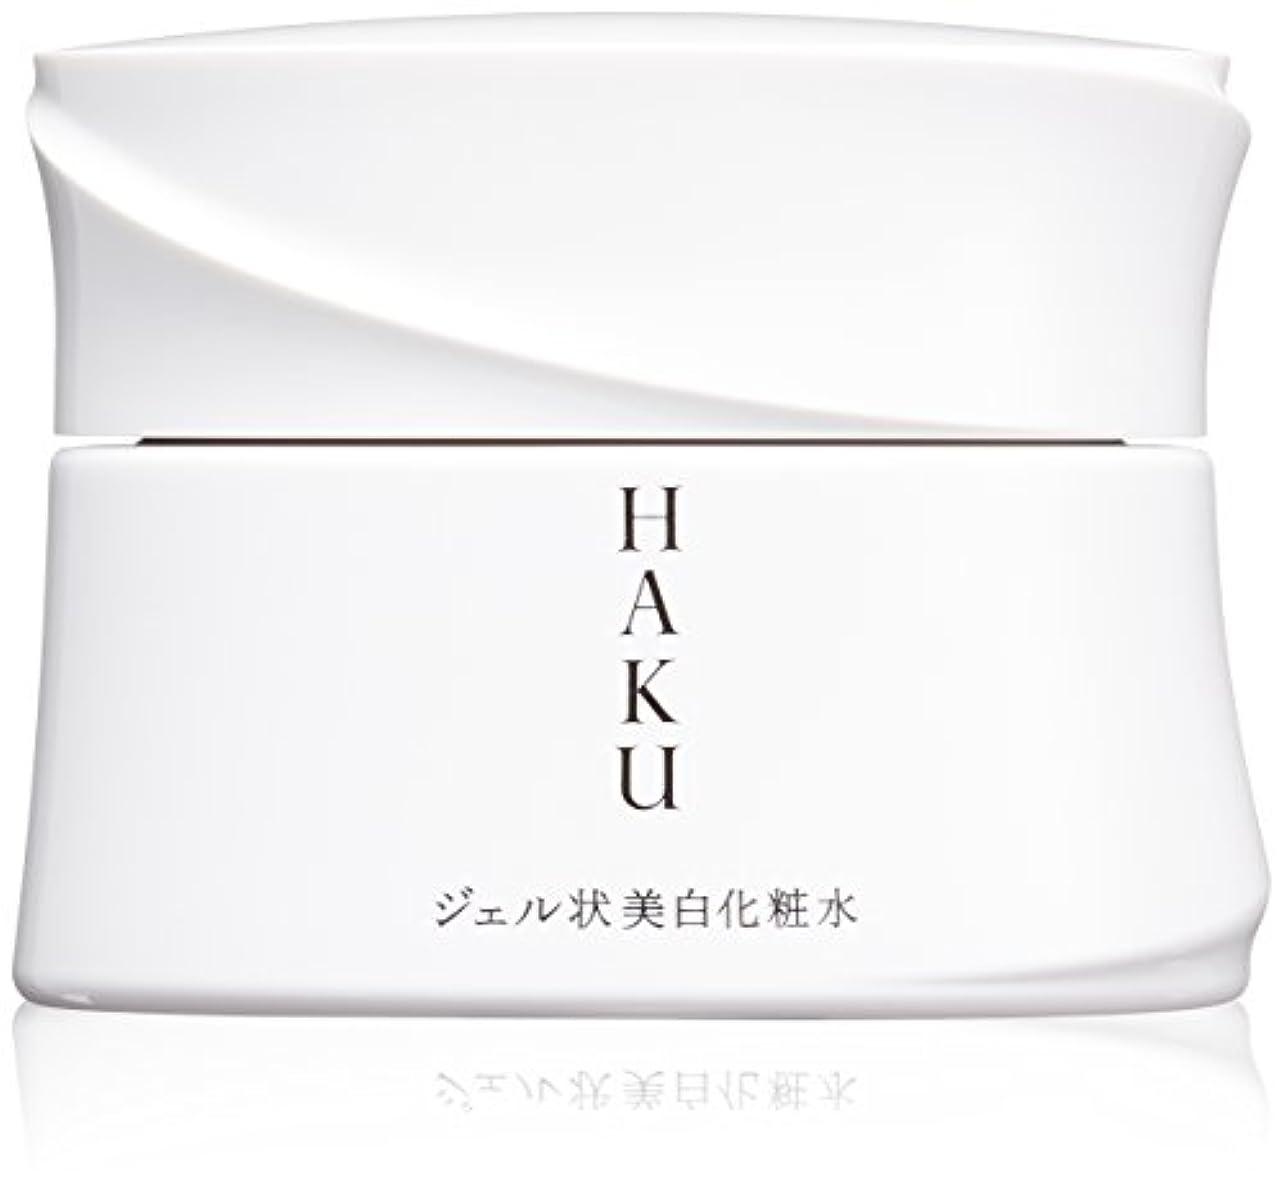 金額ロケット署名HAKU メラノディープモイスチャー 美白化粧水 100g 【医薬部外品】